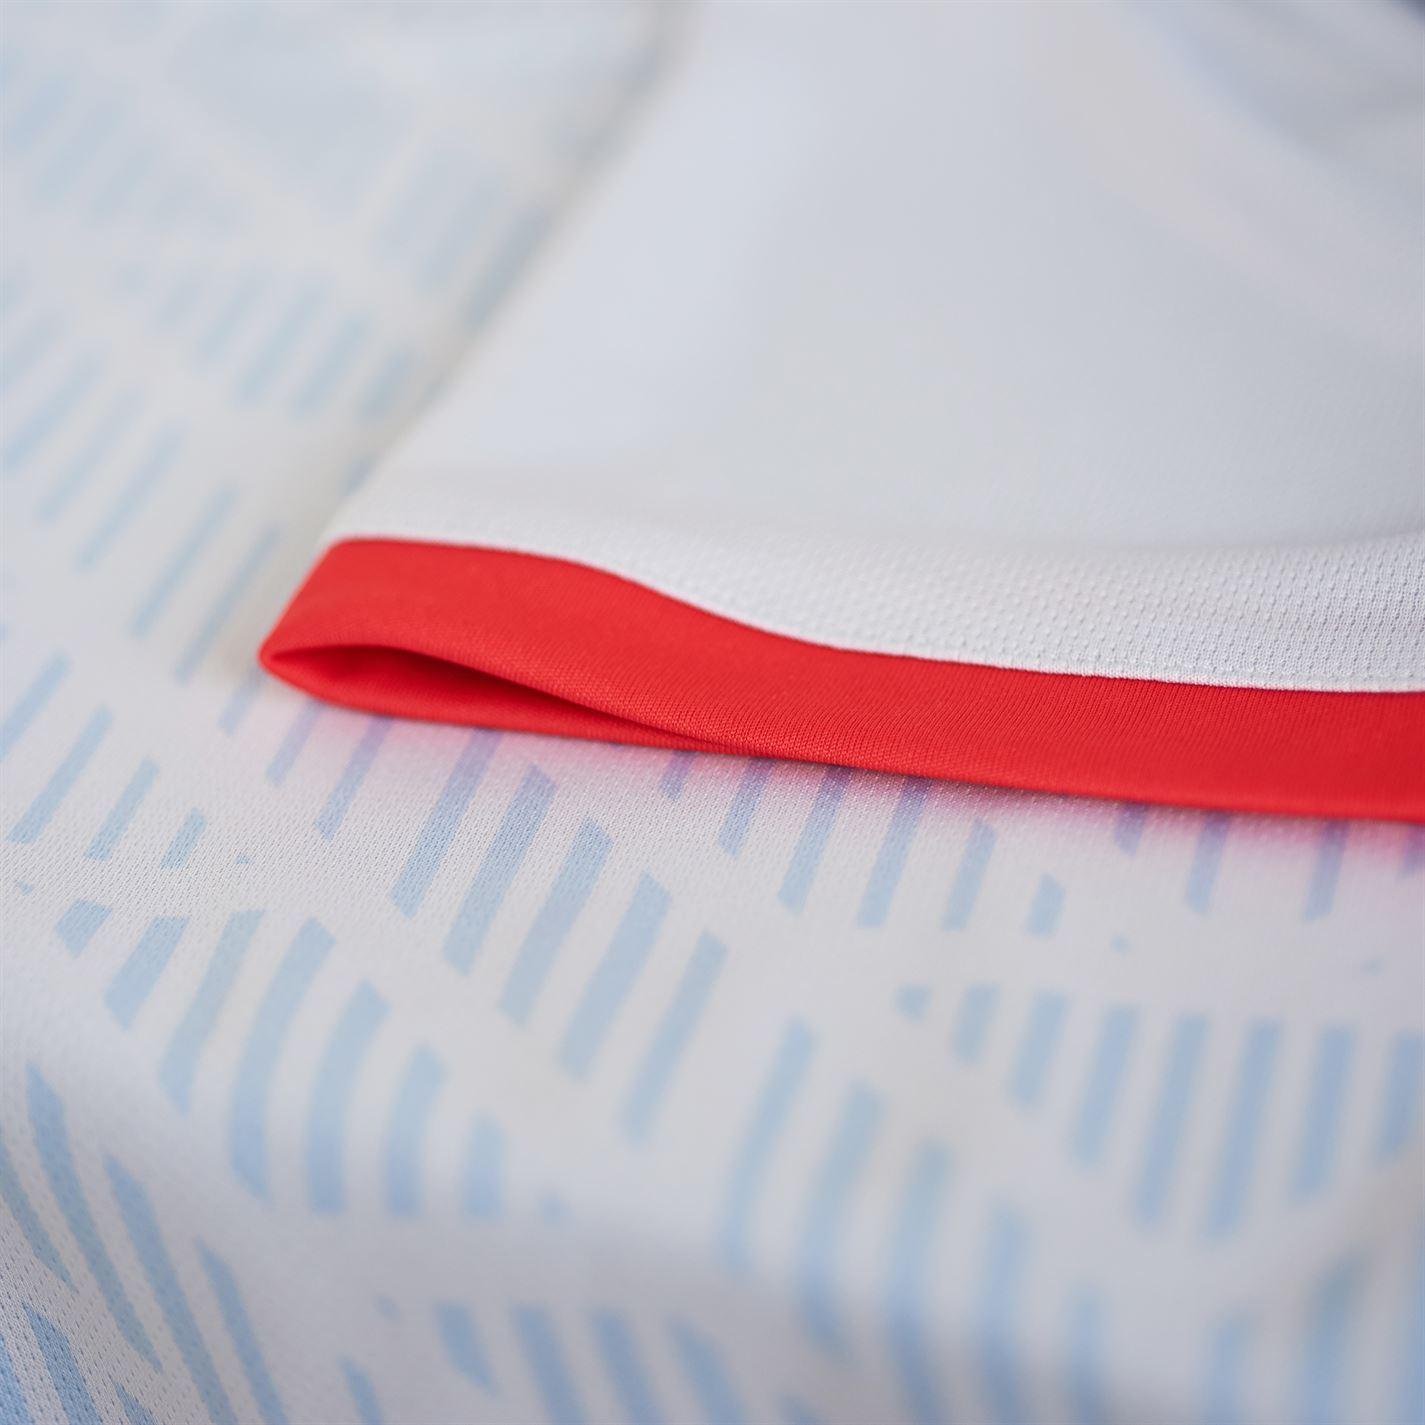 75018a6378e ... adidas Spain Away Jersey 2018 Mens Blue/Red Football Soccer Top Shirt  Strip